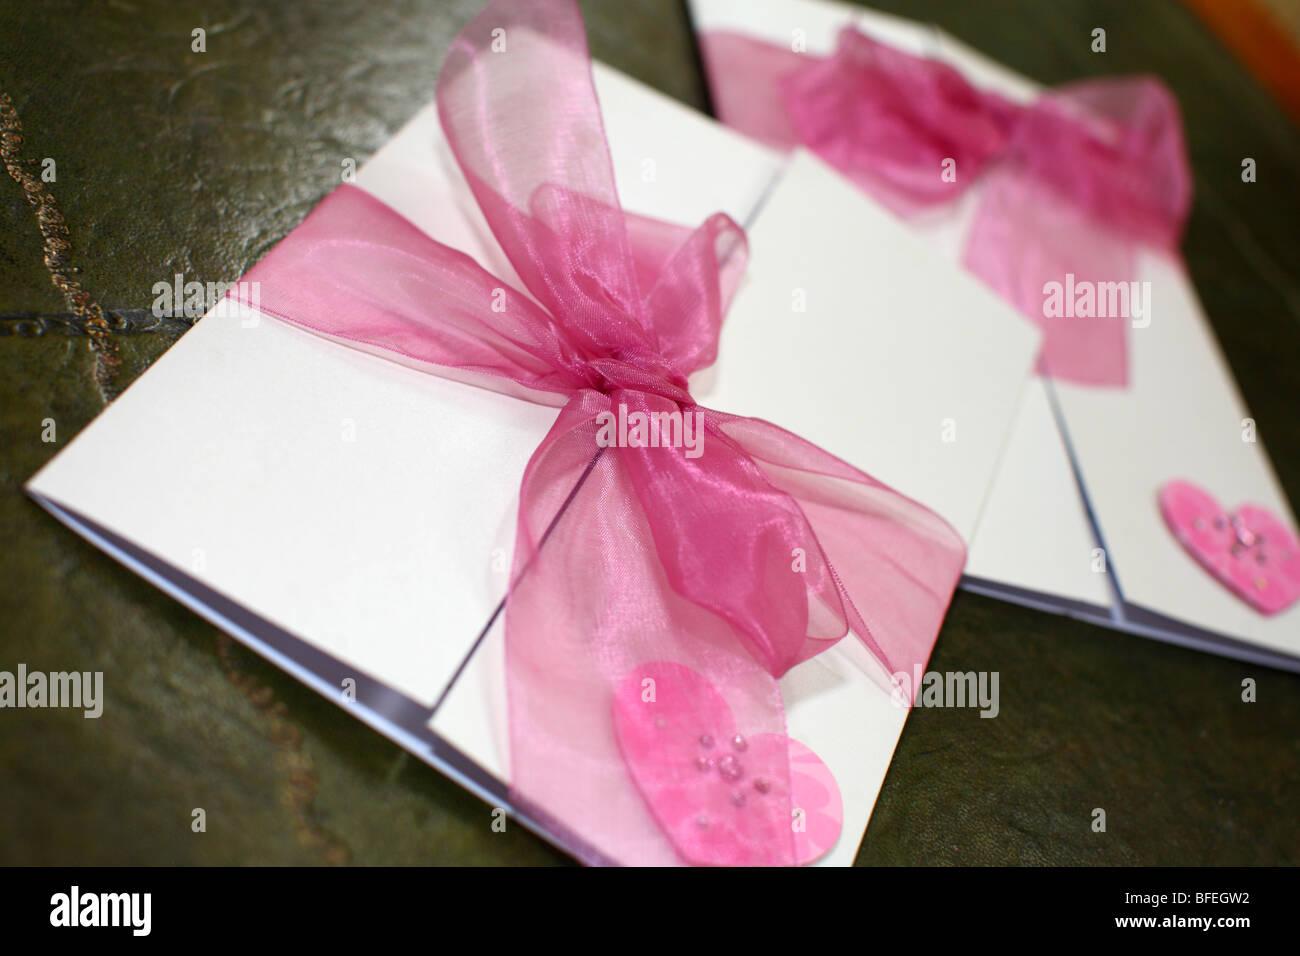 Wedding Stationery Stock Photos & Wedding Stationery Stock Images ...